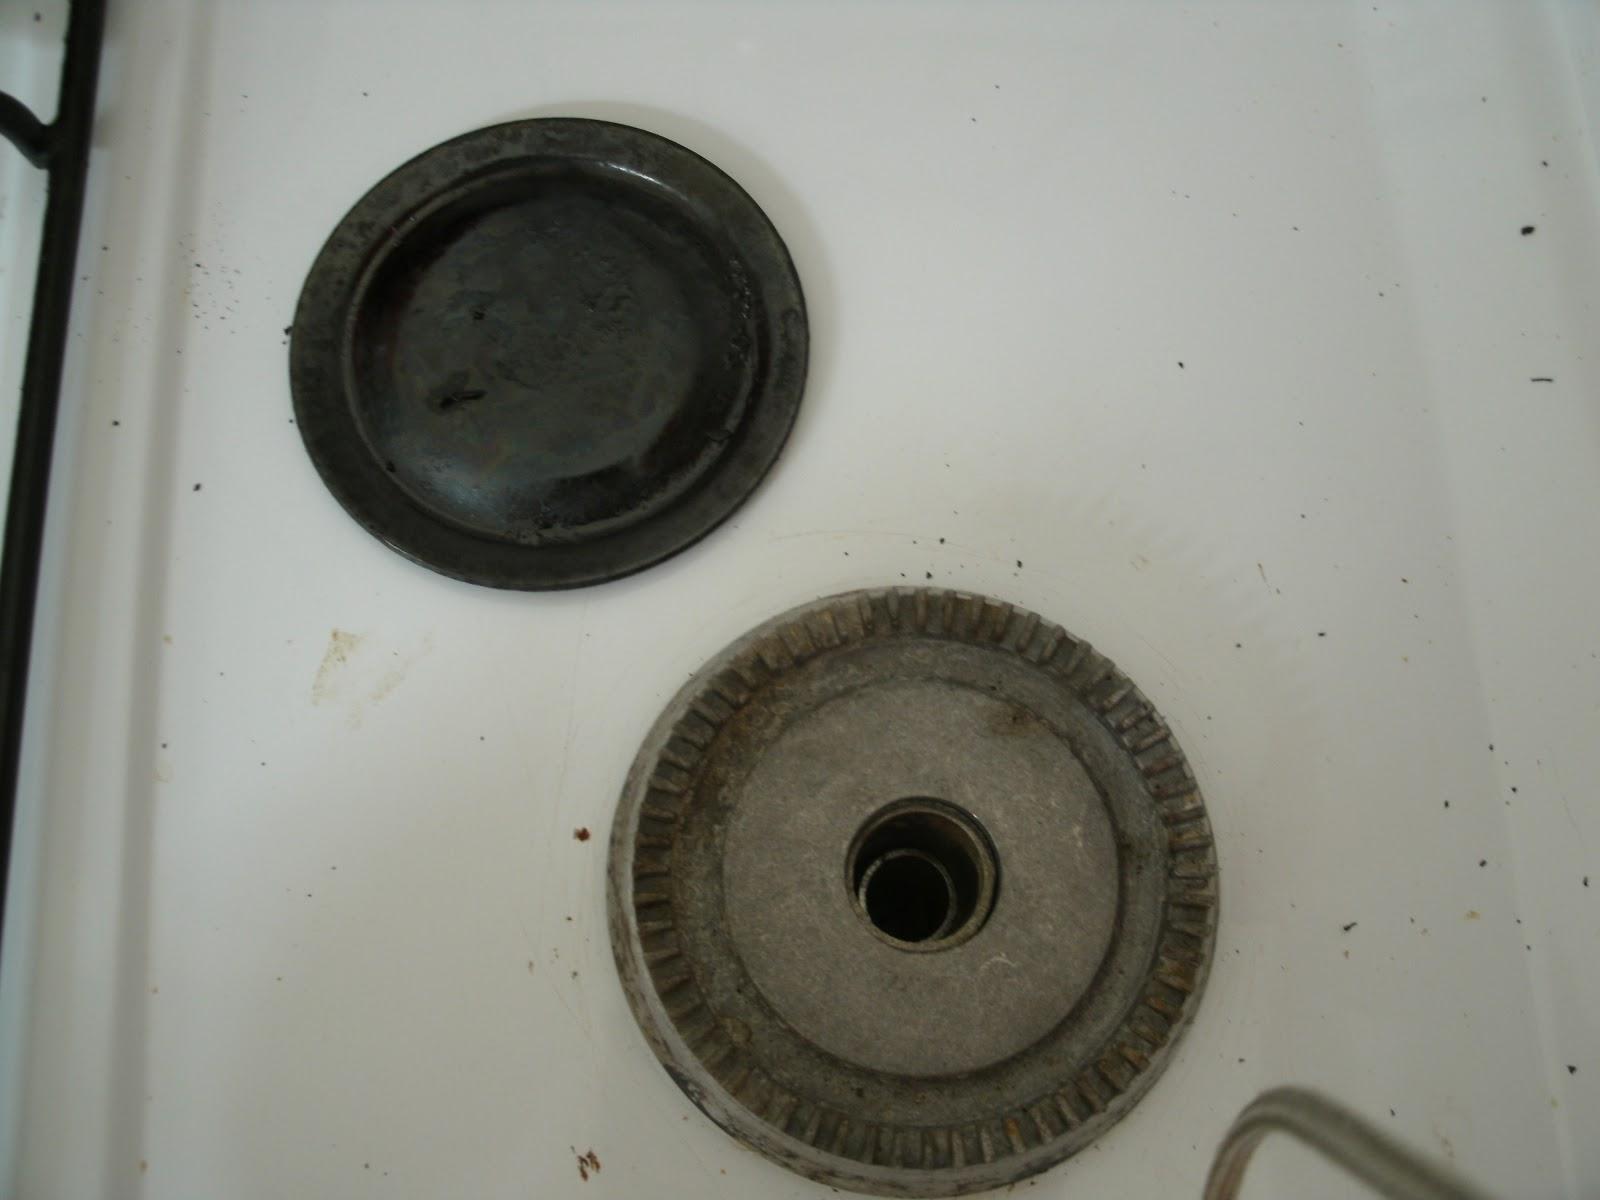 Limpiar hornallas tapadas medidas de cajones de estacionamiento para - Limpiar quemadores cocina gas ...